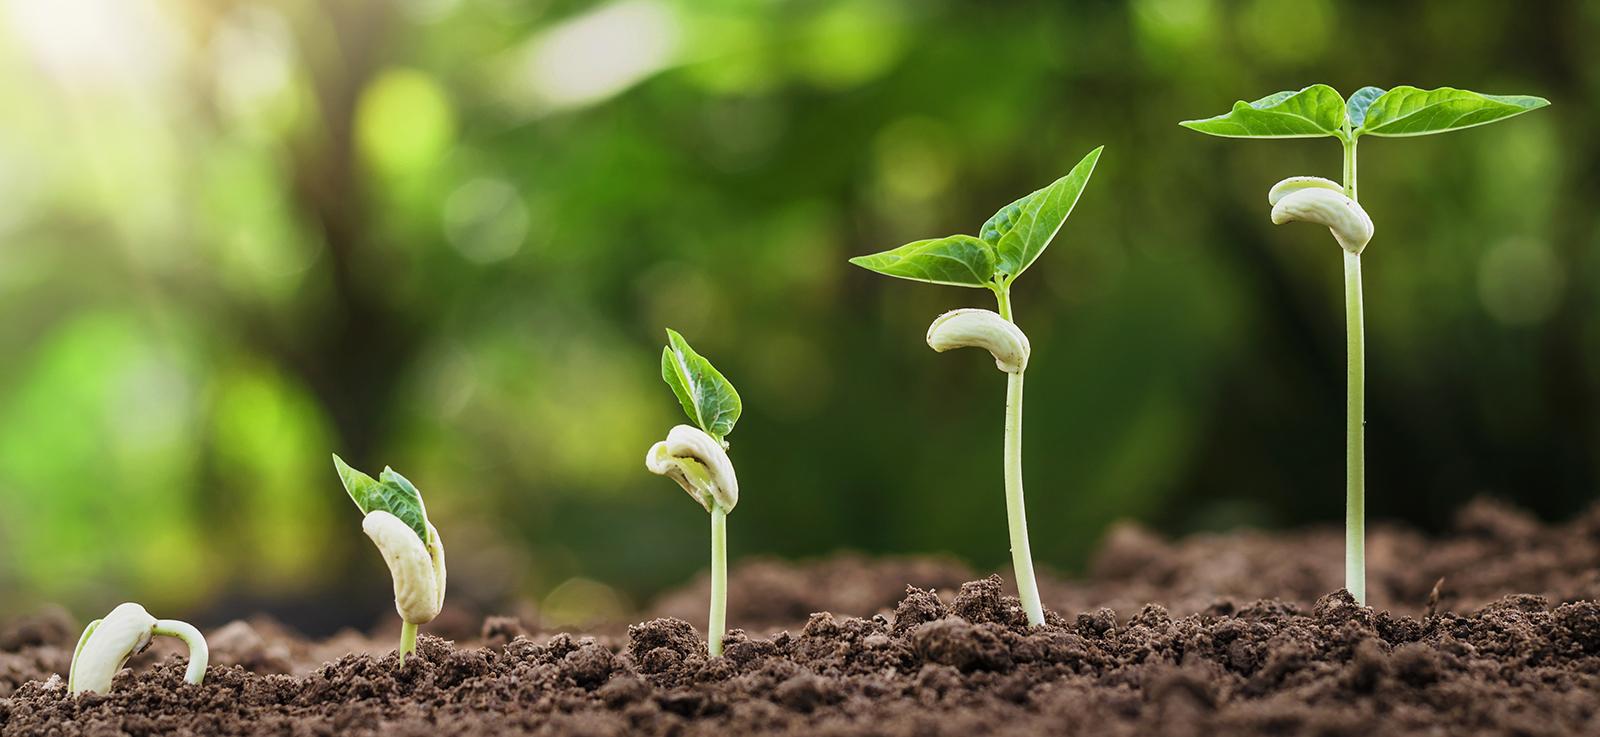 OZ Kompostujme rozširuje v Źiline sieť komunitných kompostérov